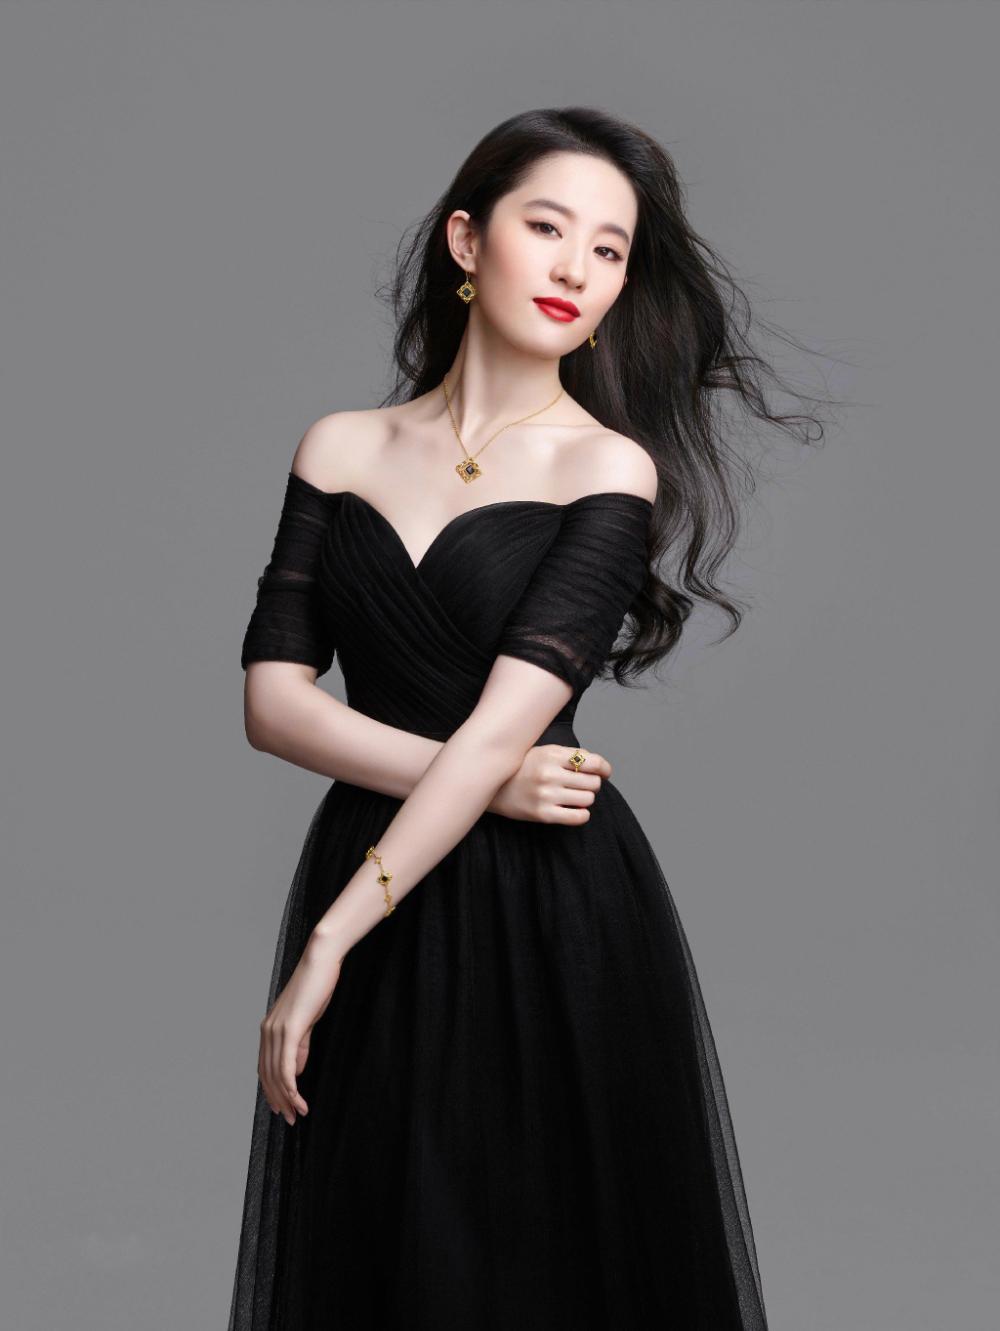 肌肤胜雪,容色绝丽—刘亦菲-第2张图片